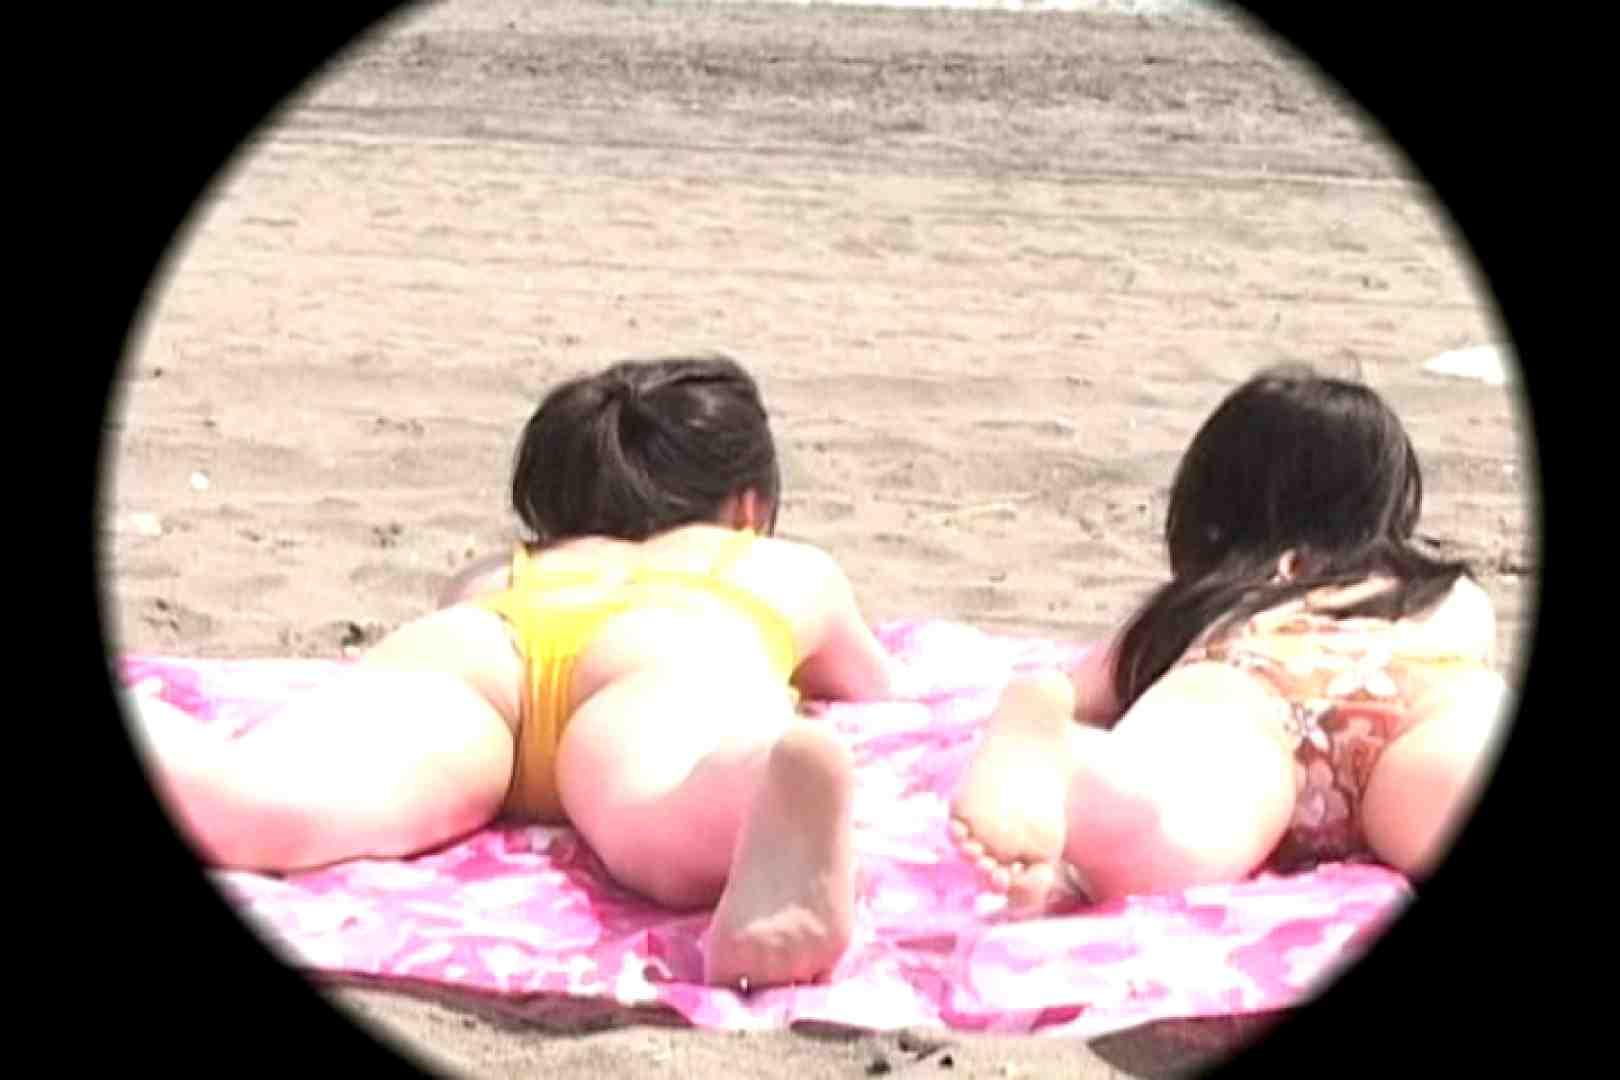 ビーチで発見!!はしゃぎ過ぎポロリギャルVol.5 ロリ 盗み撮り動画キャプチャ 96pic 29